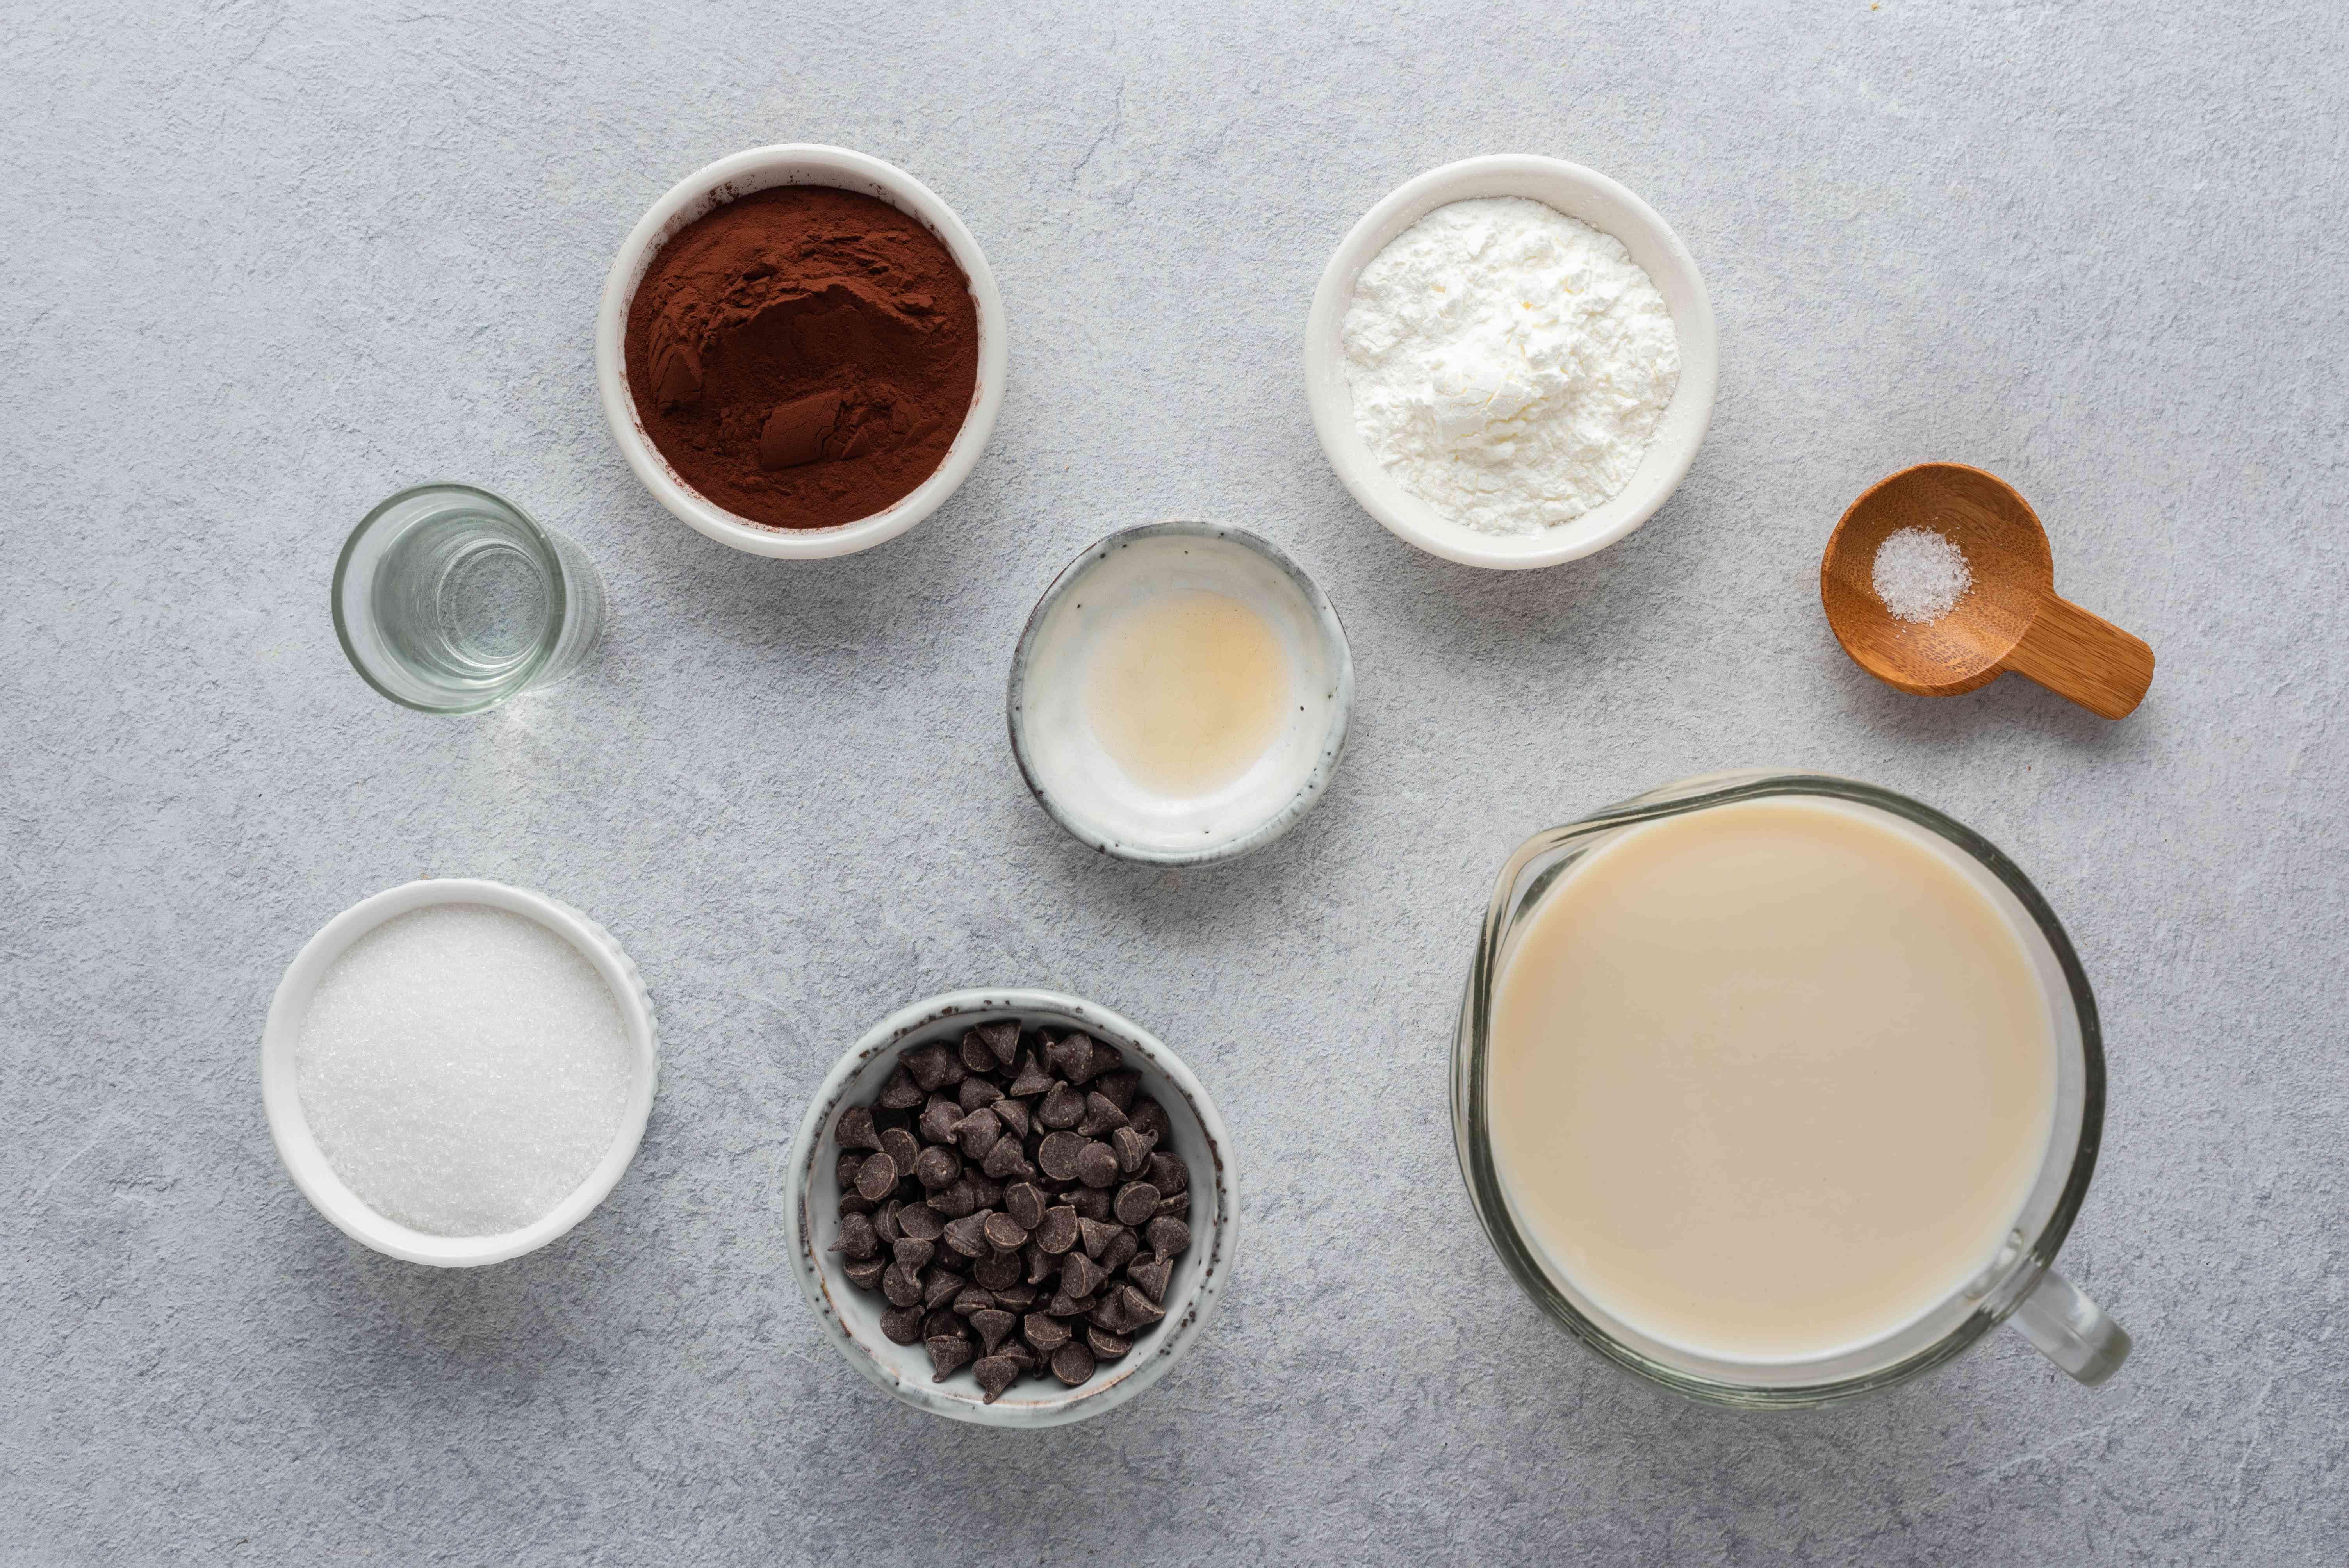 Dairy-Free Vegan Chocolate Pudding ingredients